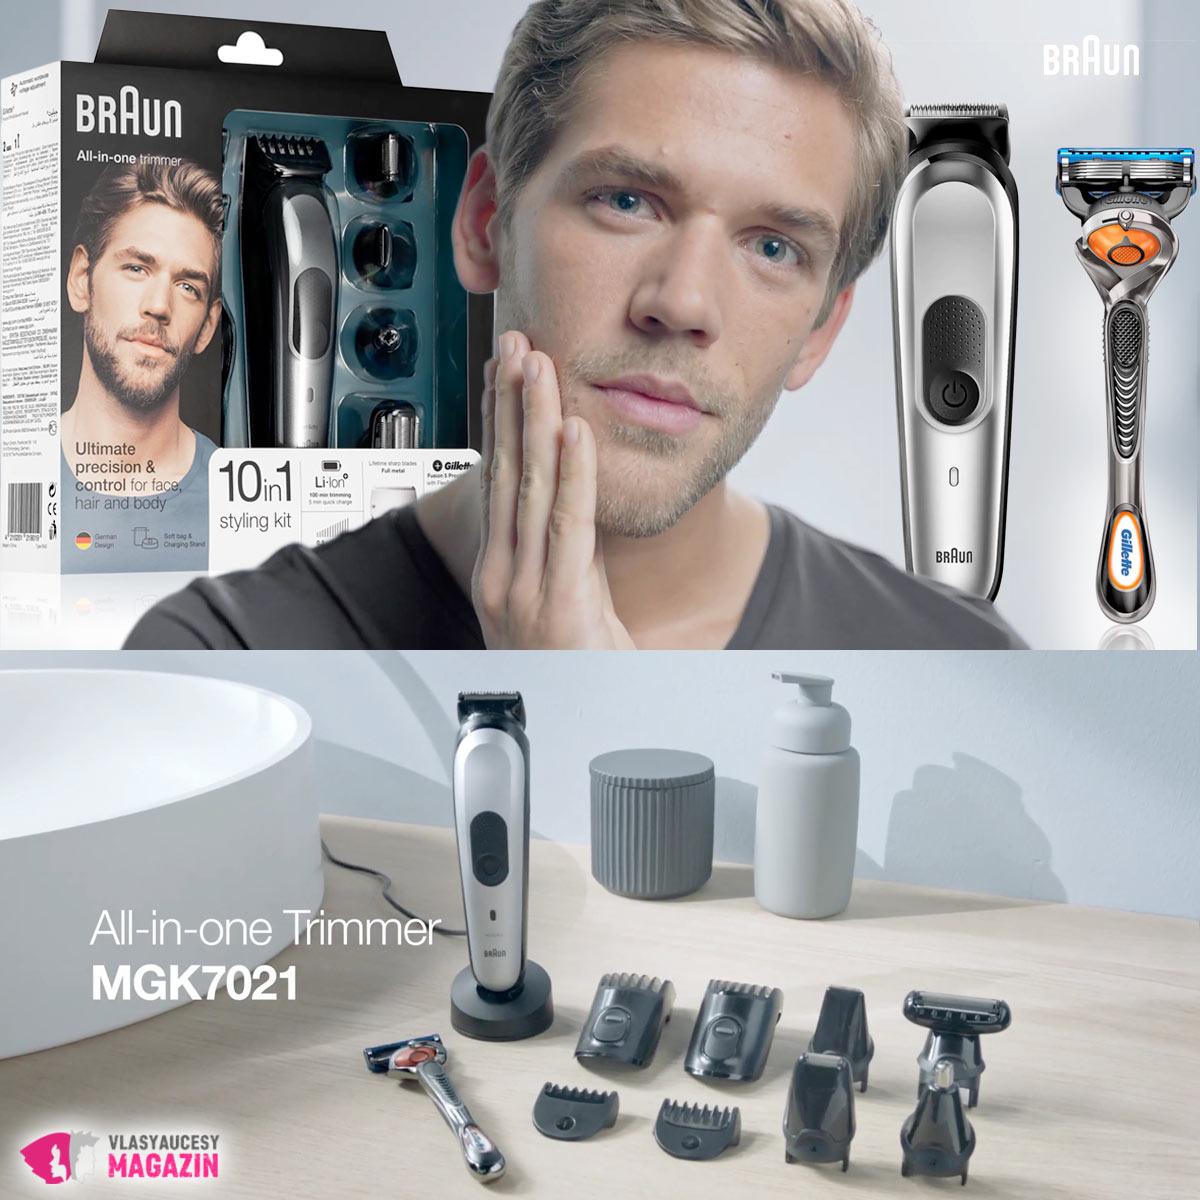 Ďalší strojček na vlasy a zastrihovač fúzov ako 10 in 1. Tentokrát od tradičného výrobcu Braun.